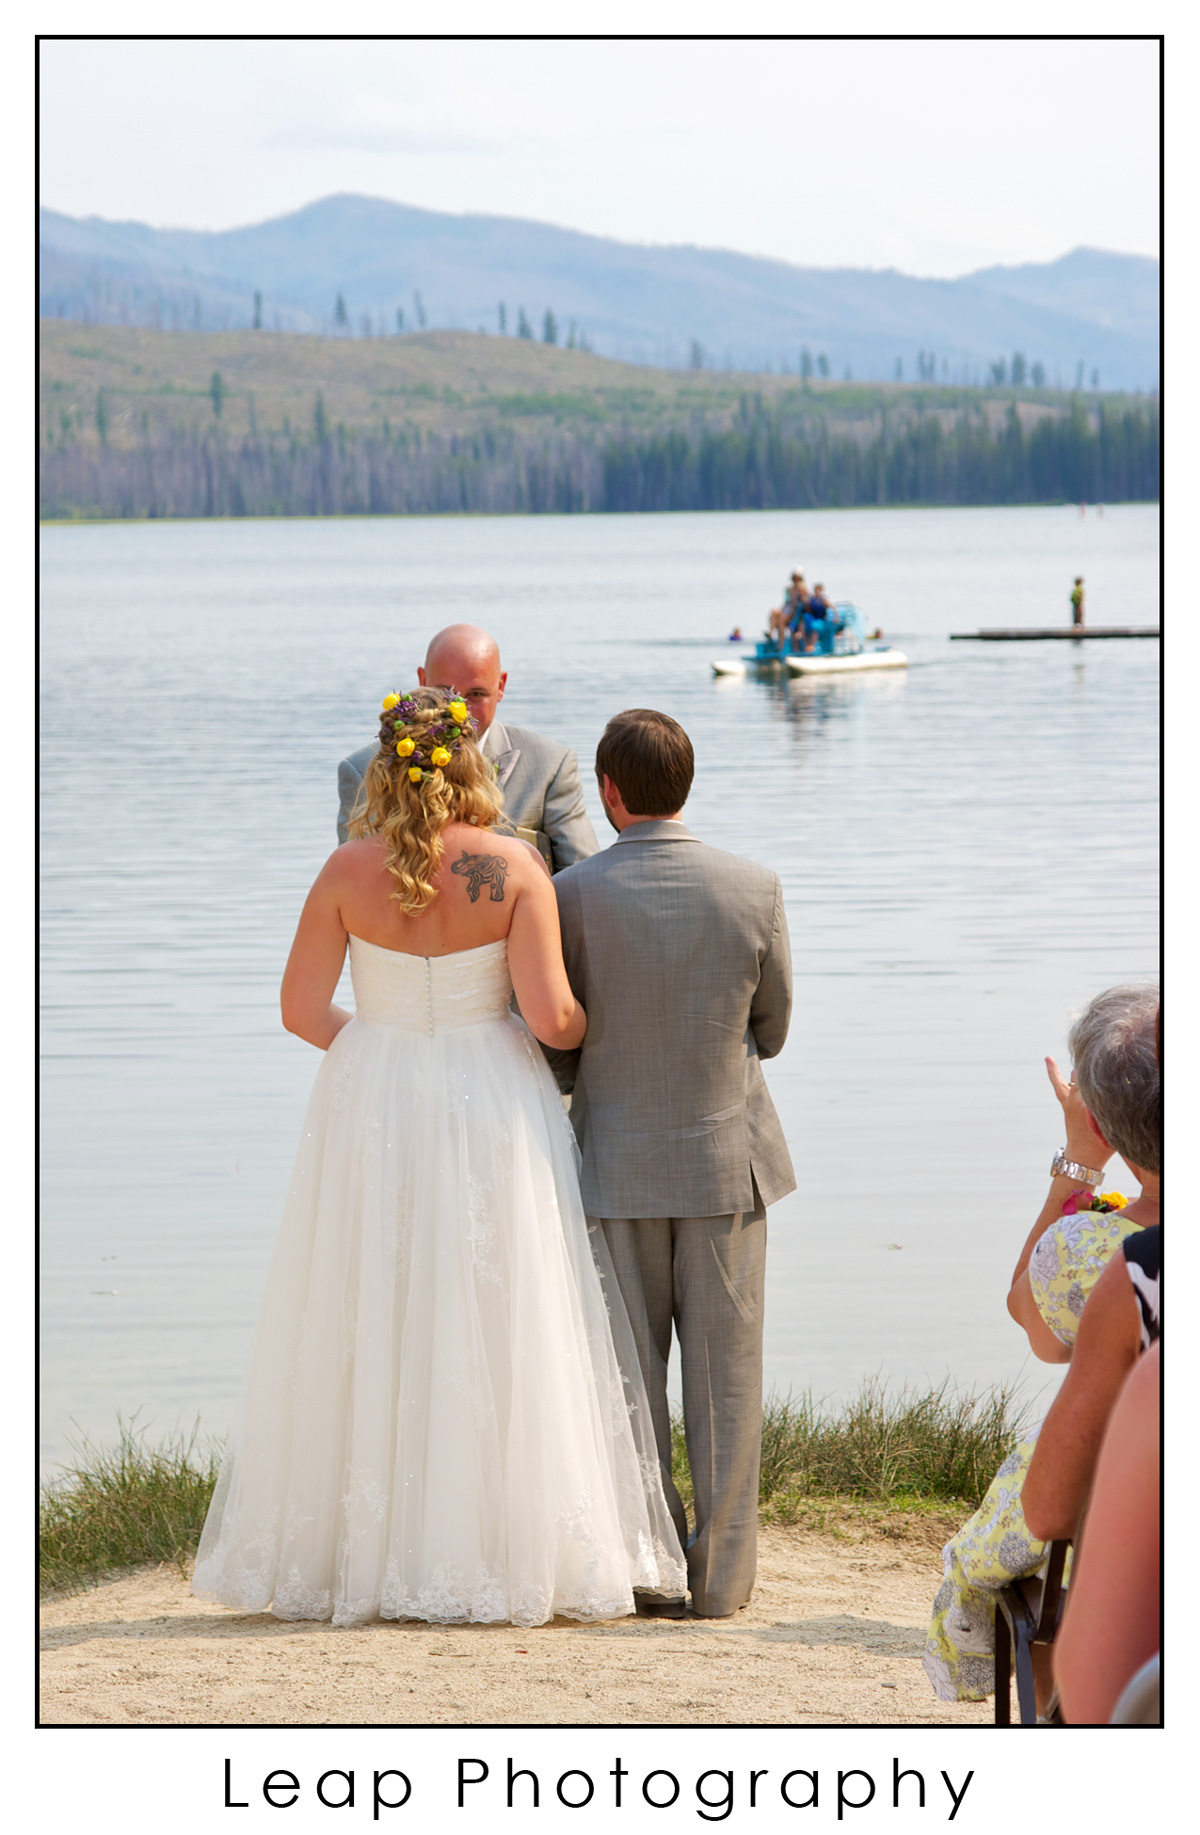 Boise_Idaho_Wedding-Photographers_Warm-Lake_006